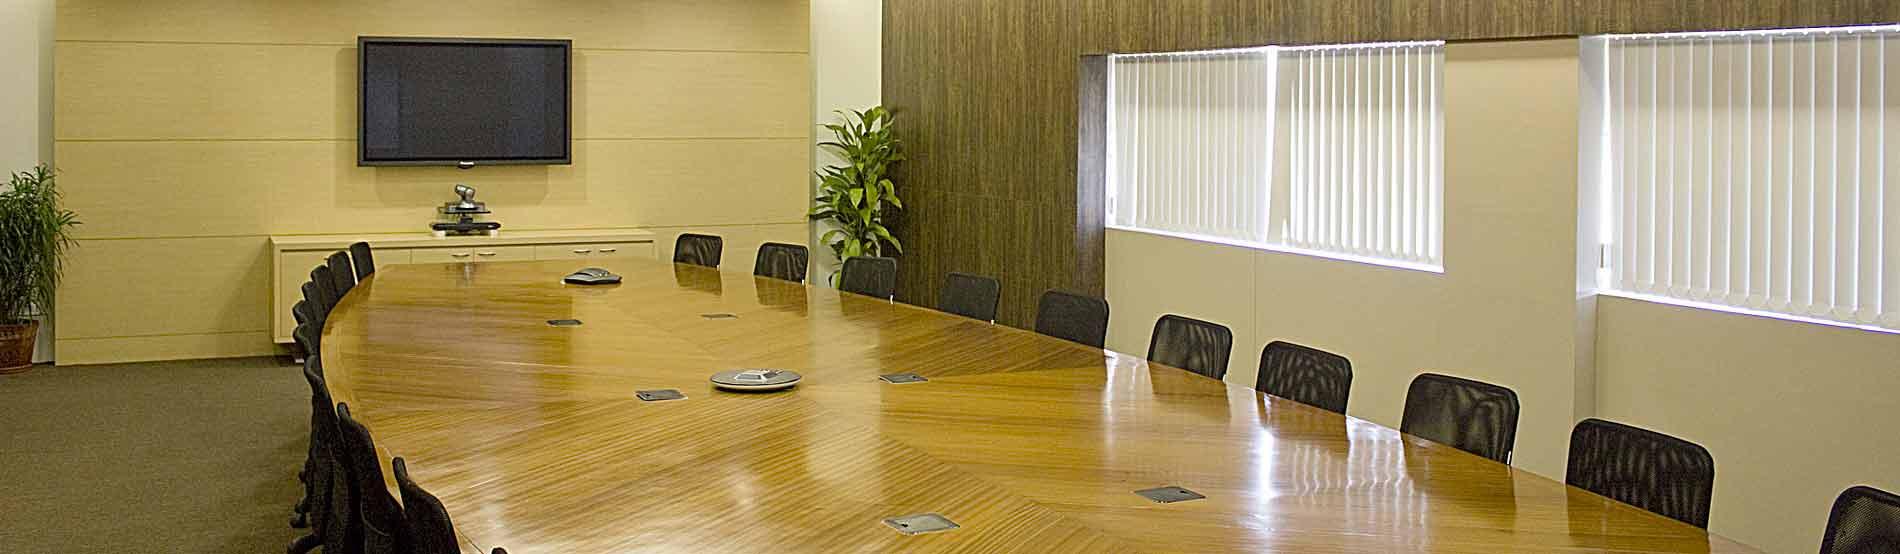 Konferenztechnik und -möbel